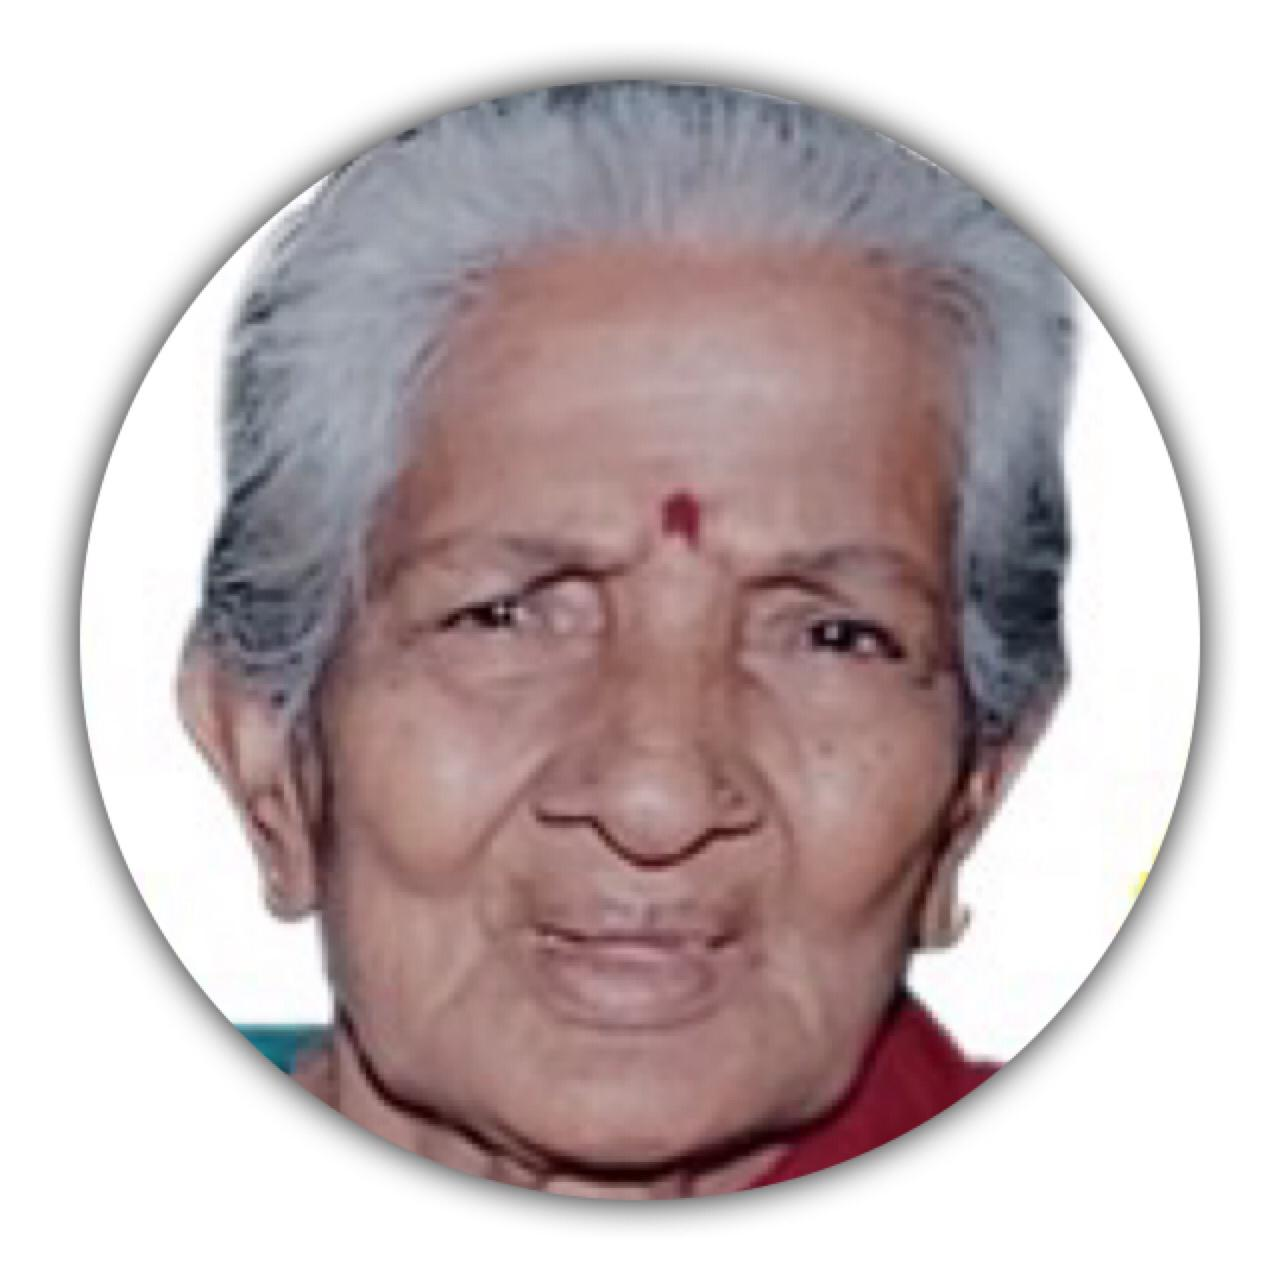 திருமதி. தம்பிராசா செல்லம்மா